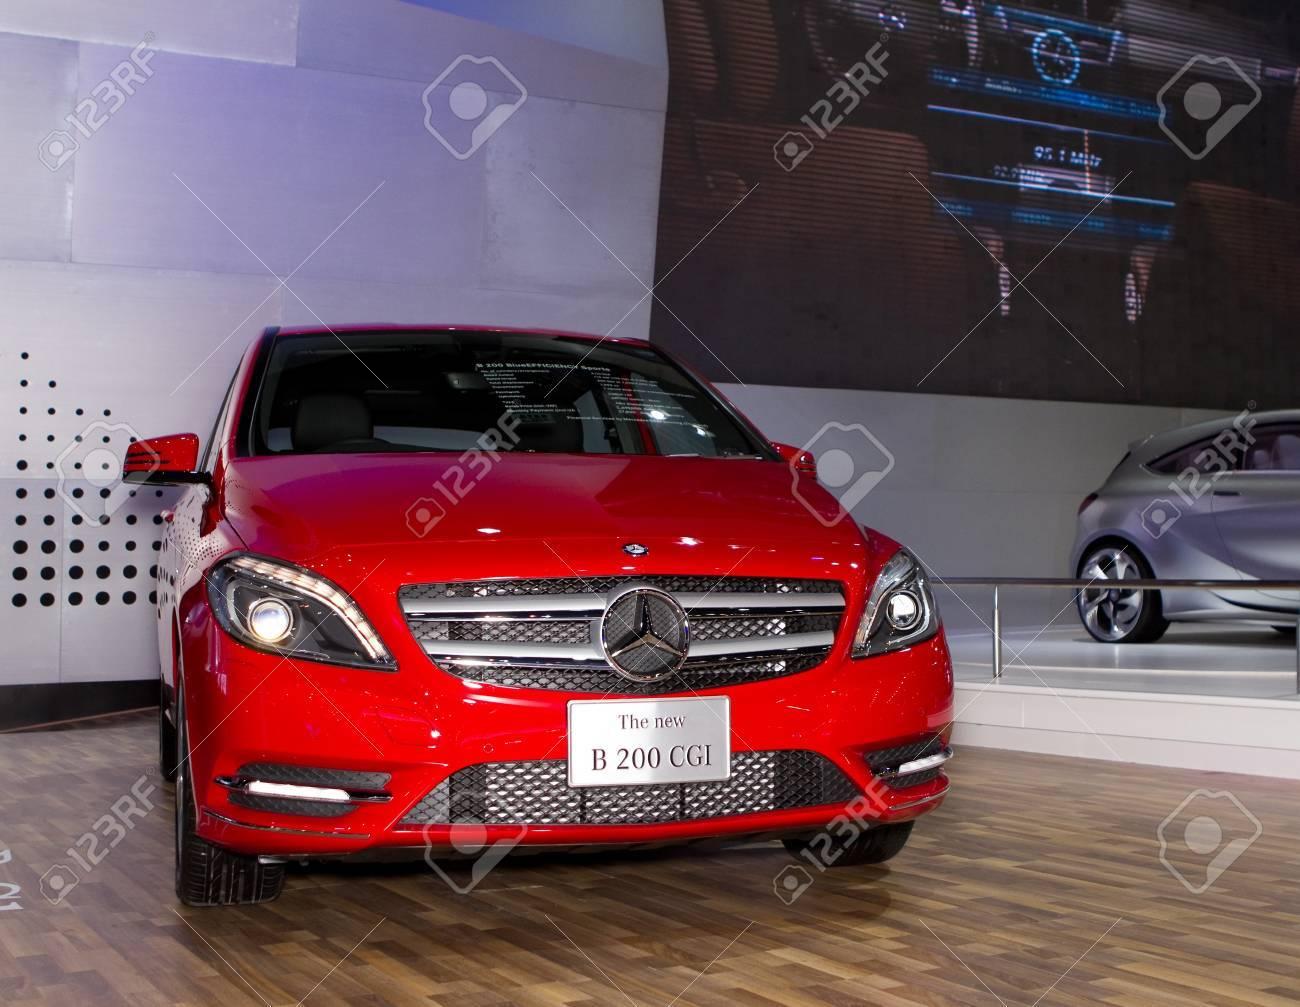 BANGKOK - MARCH 29: Mercedes Benz B 200 CGI car on display at the 33rd Bangkok International Motor Show on March 29, 2012 in Bangkok, Thailand. Stock Photo - 13244848